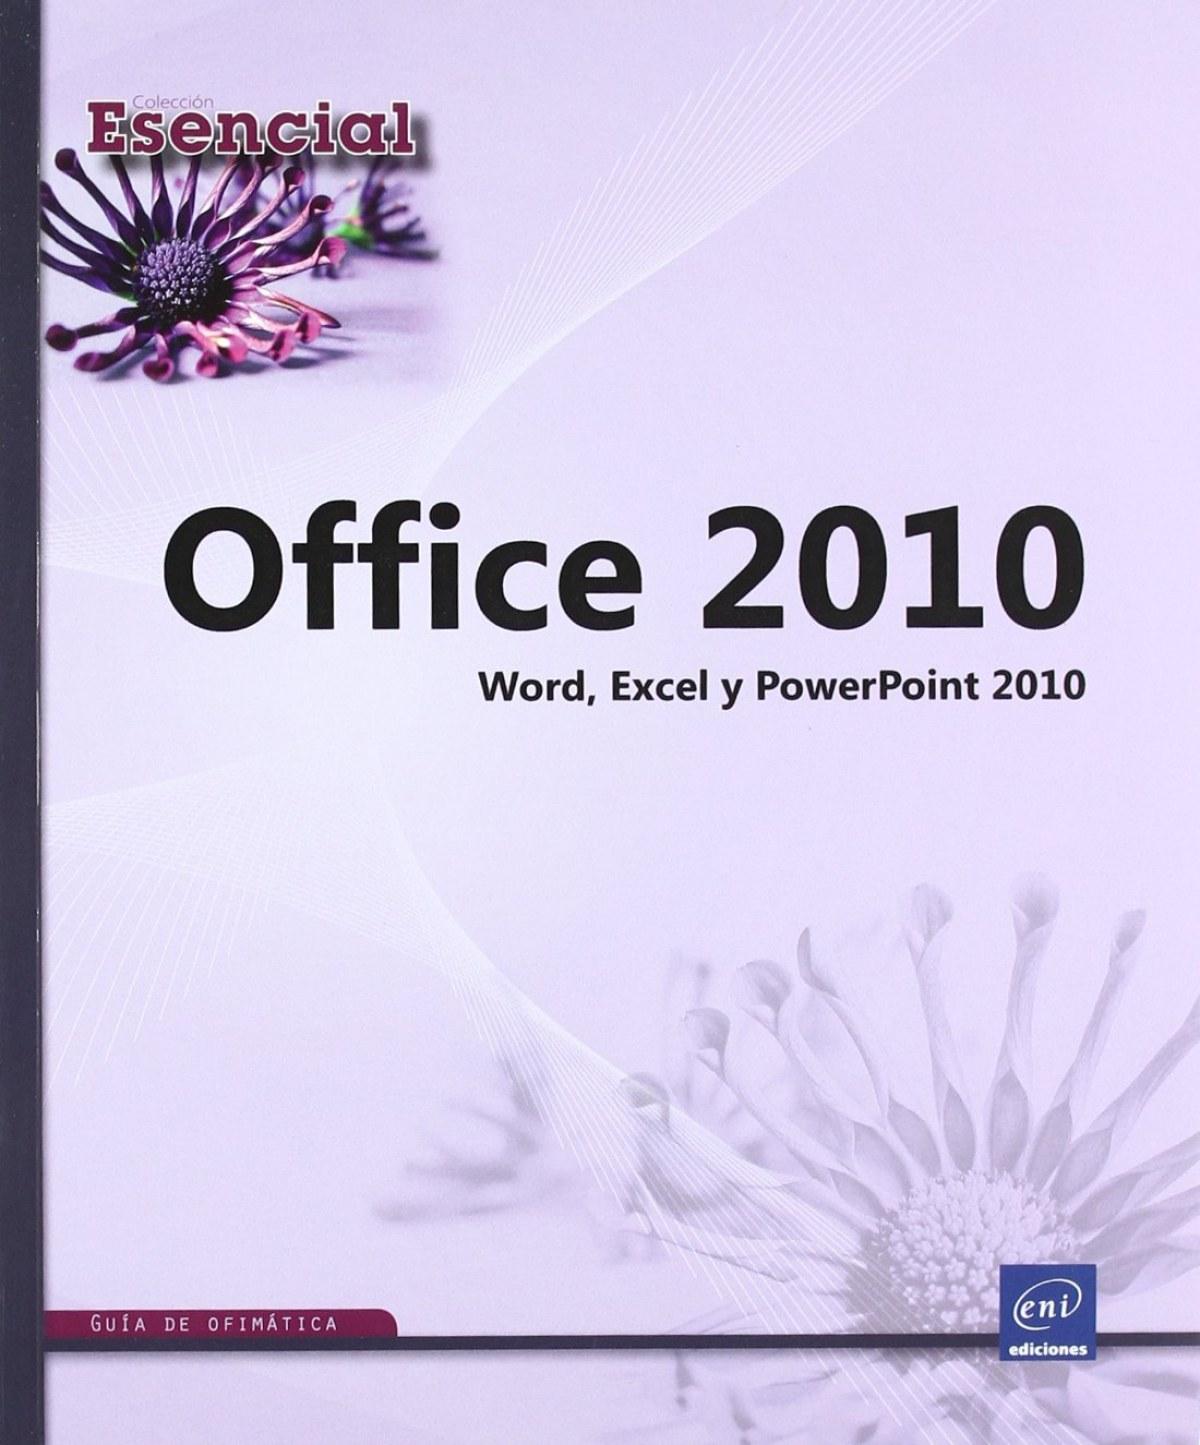 Esencial Office 2010